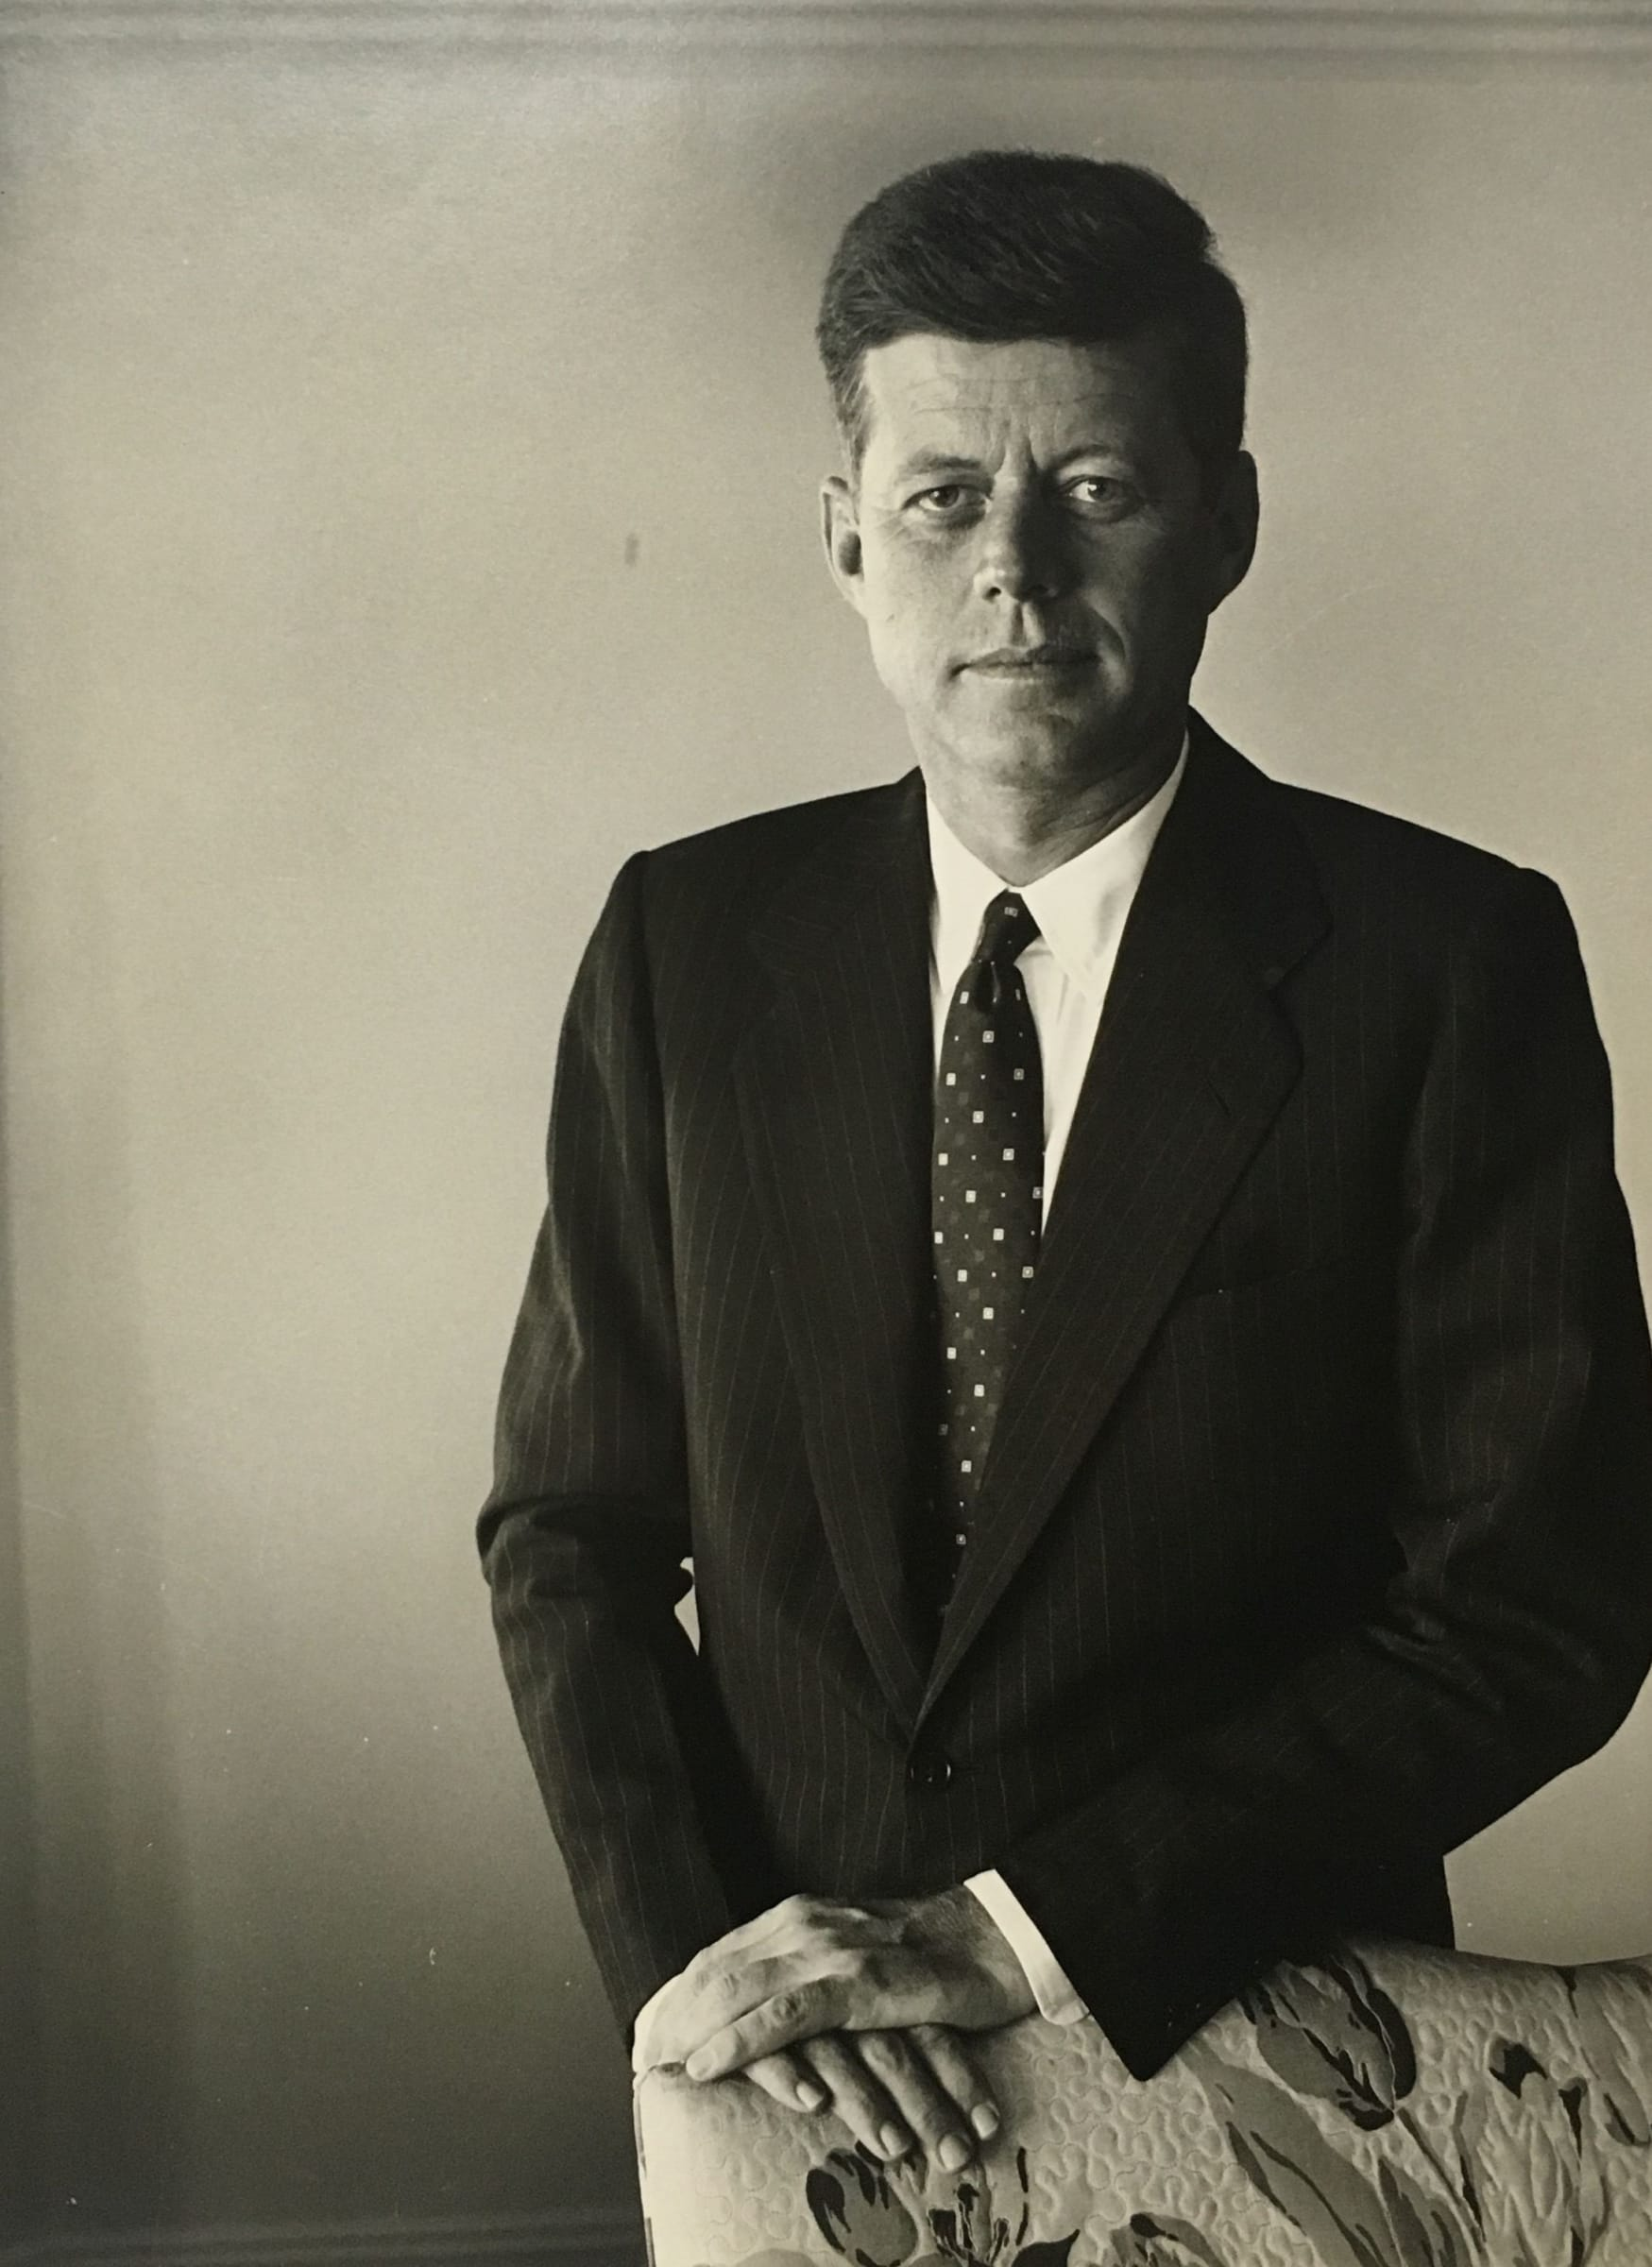 Senator John F. Kennedy in Boston, 1957. : Colorization